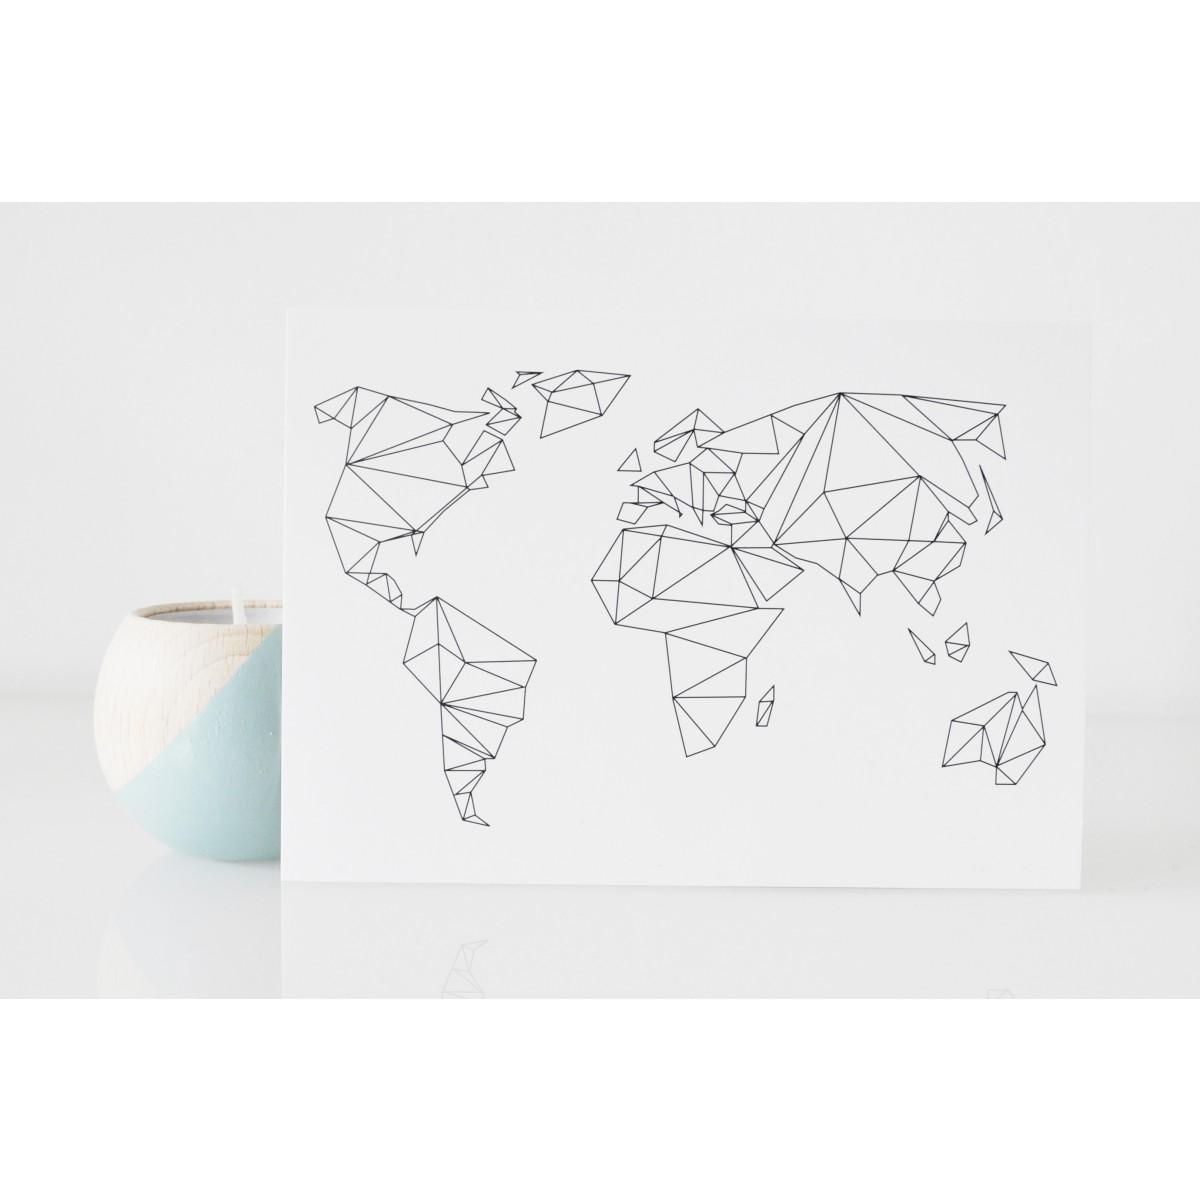 na.hili Postkarten Geometrical World (10er-Set)